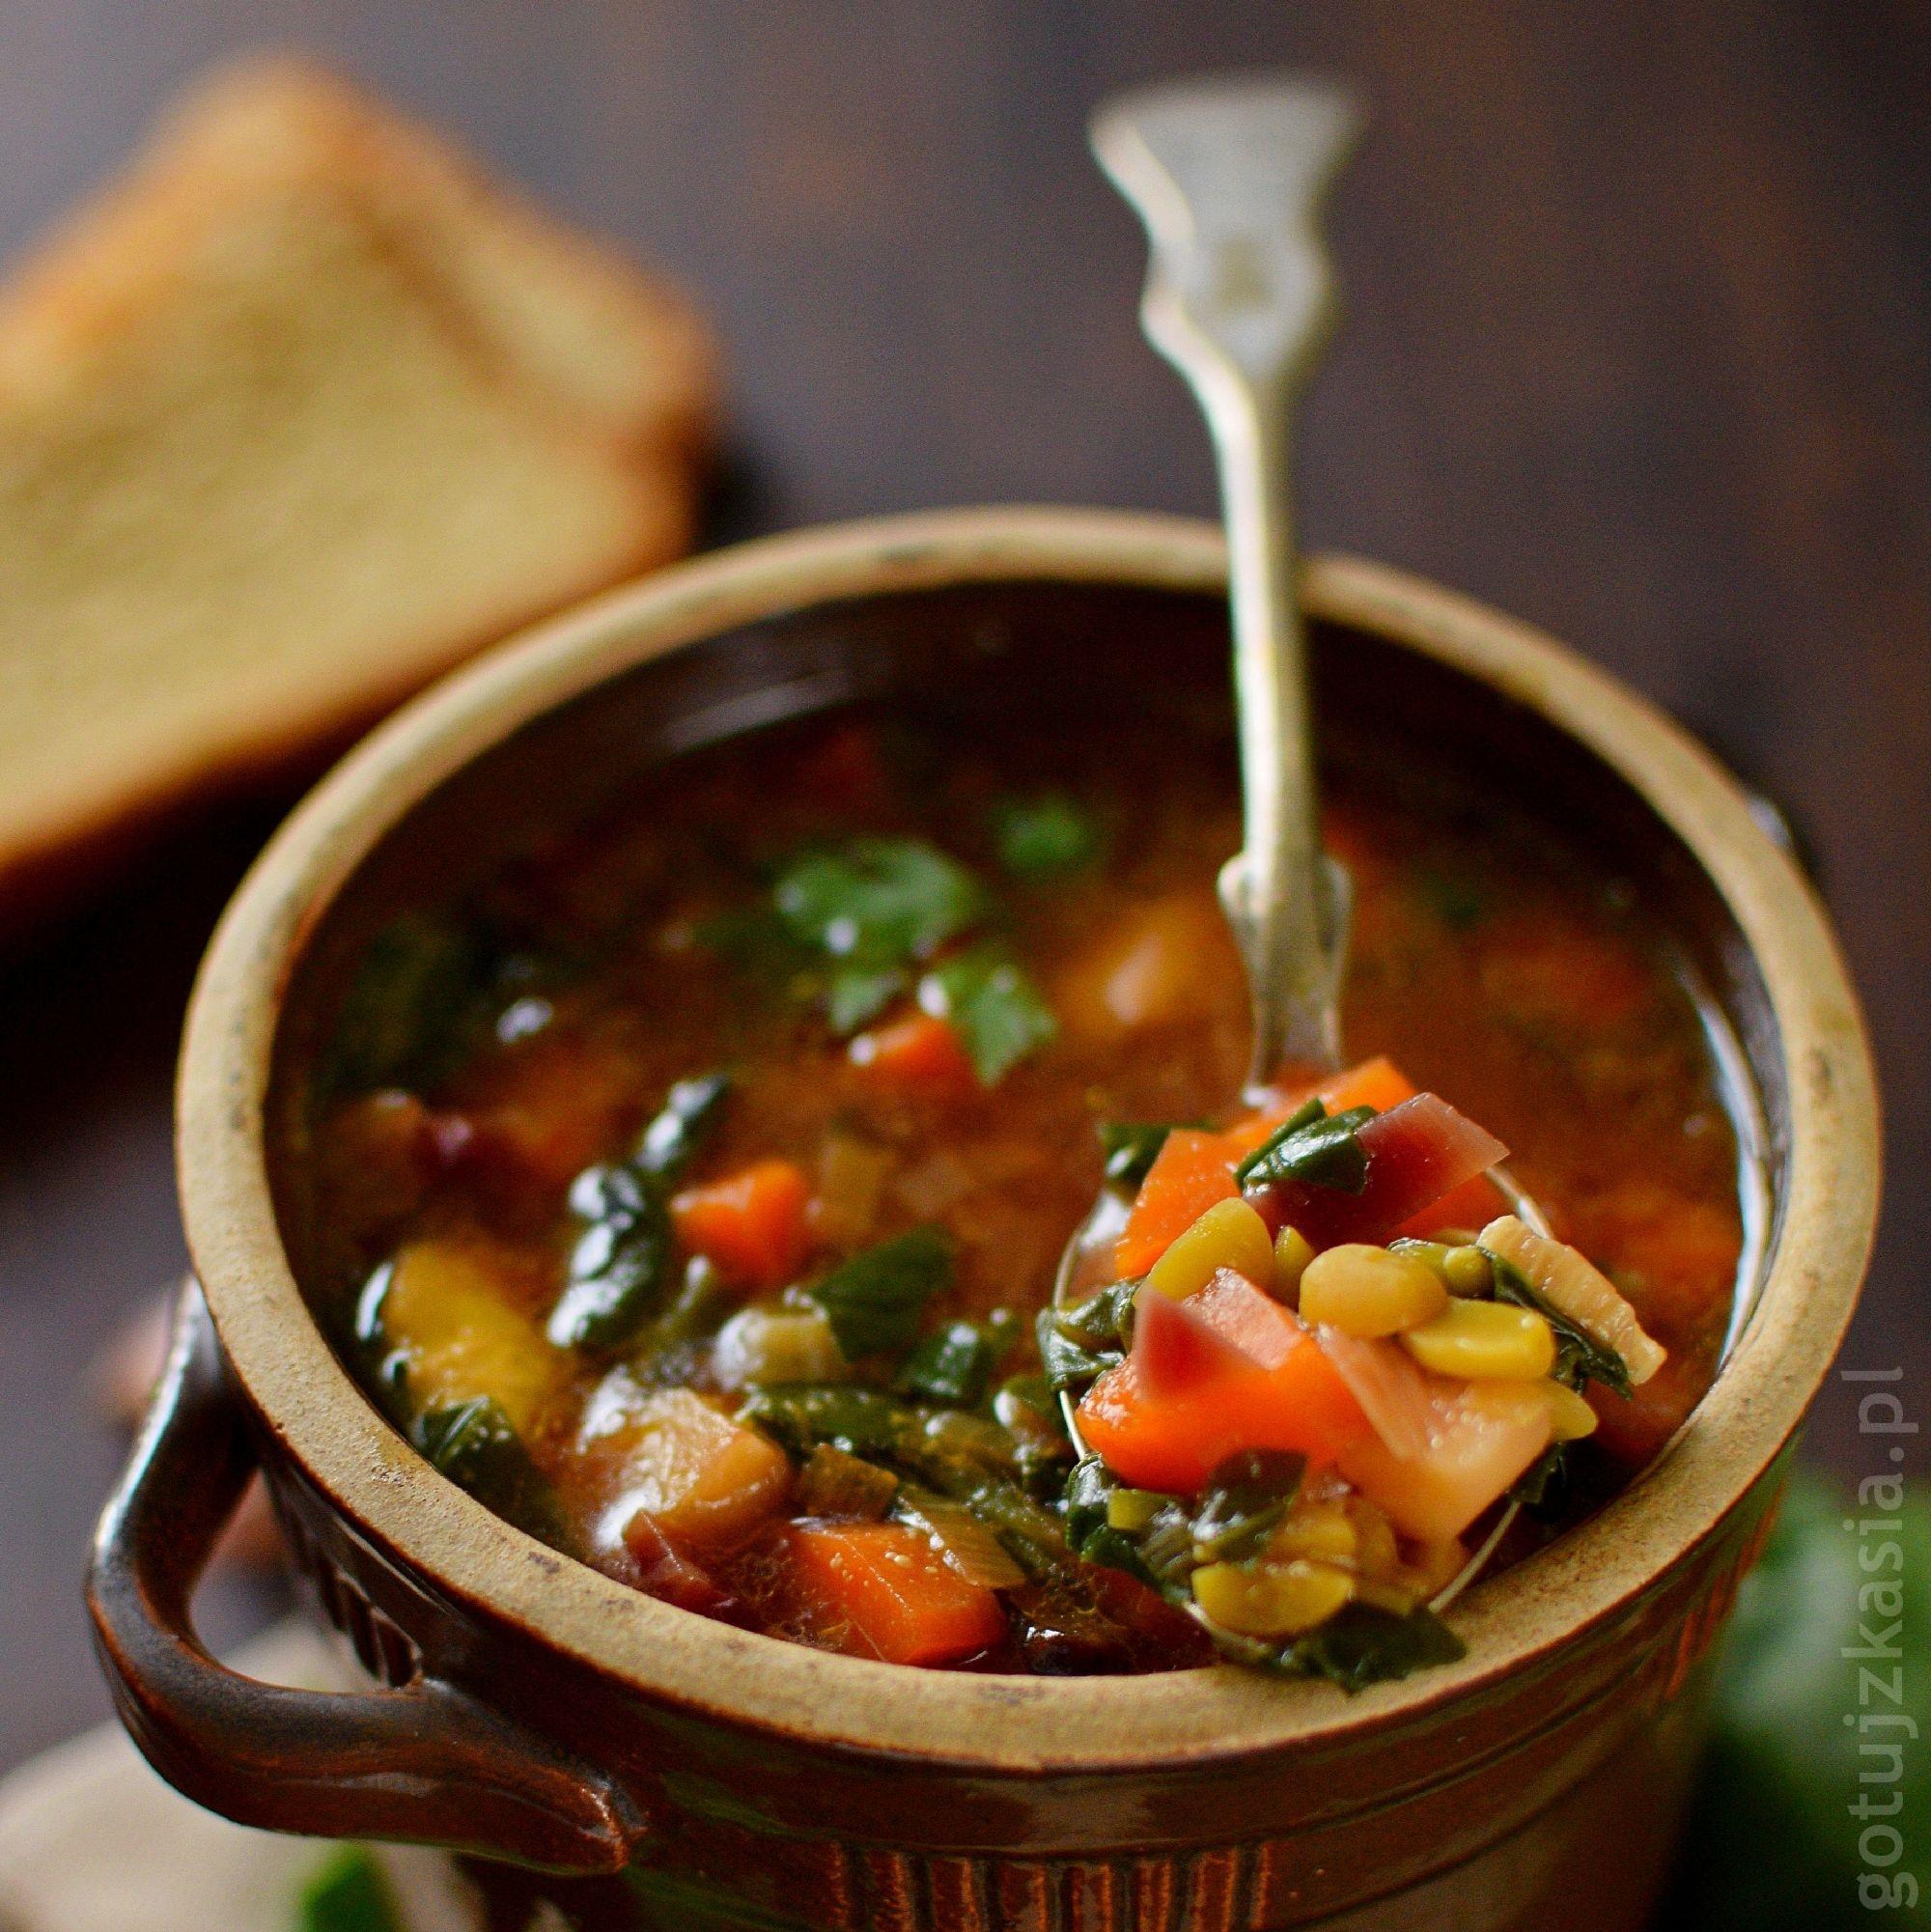 jesienna zupa 4